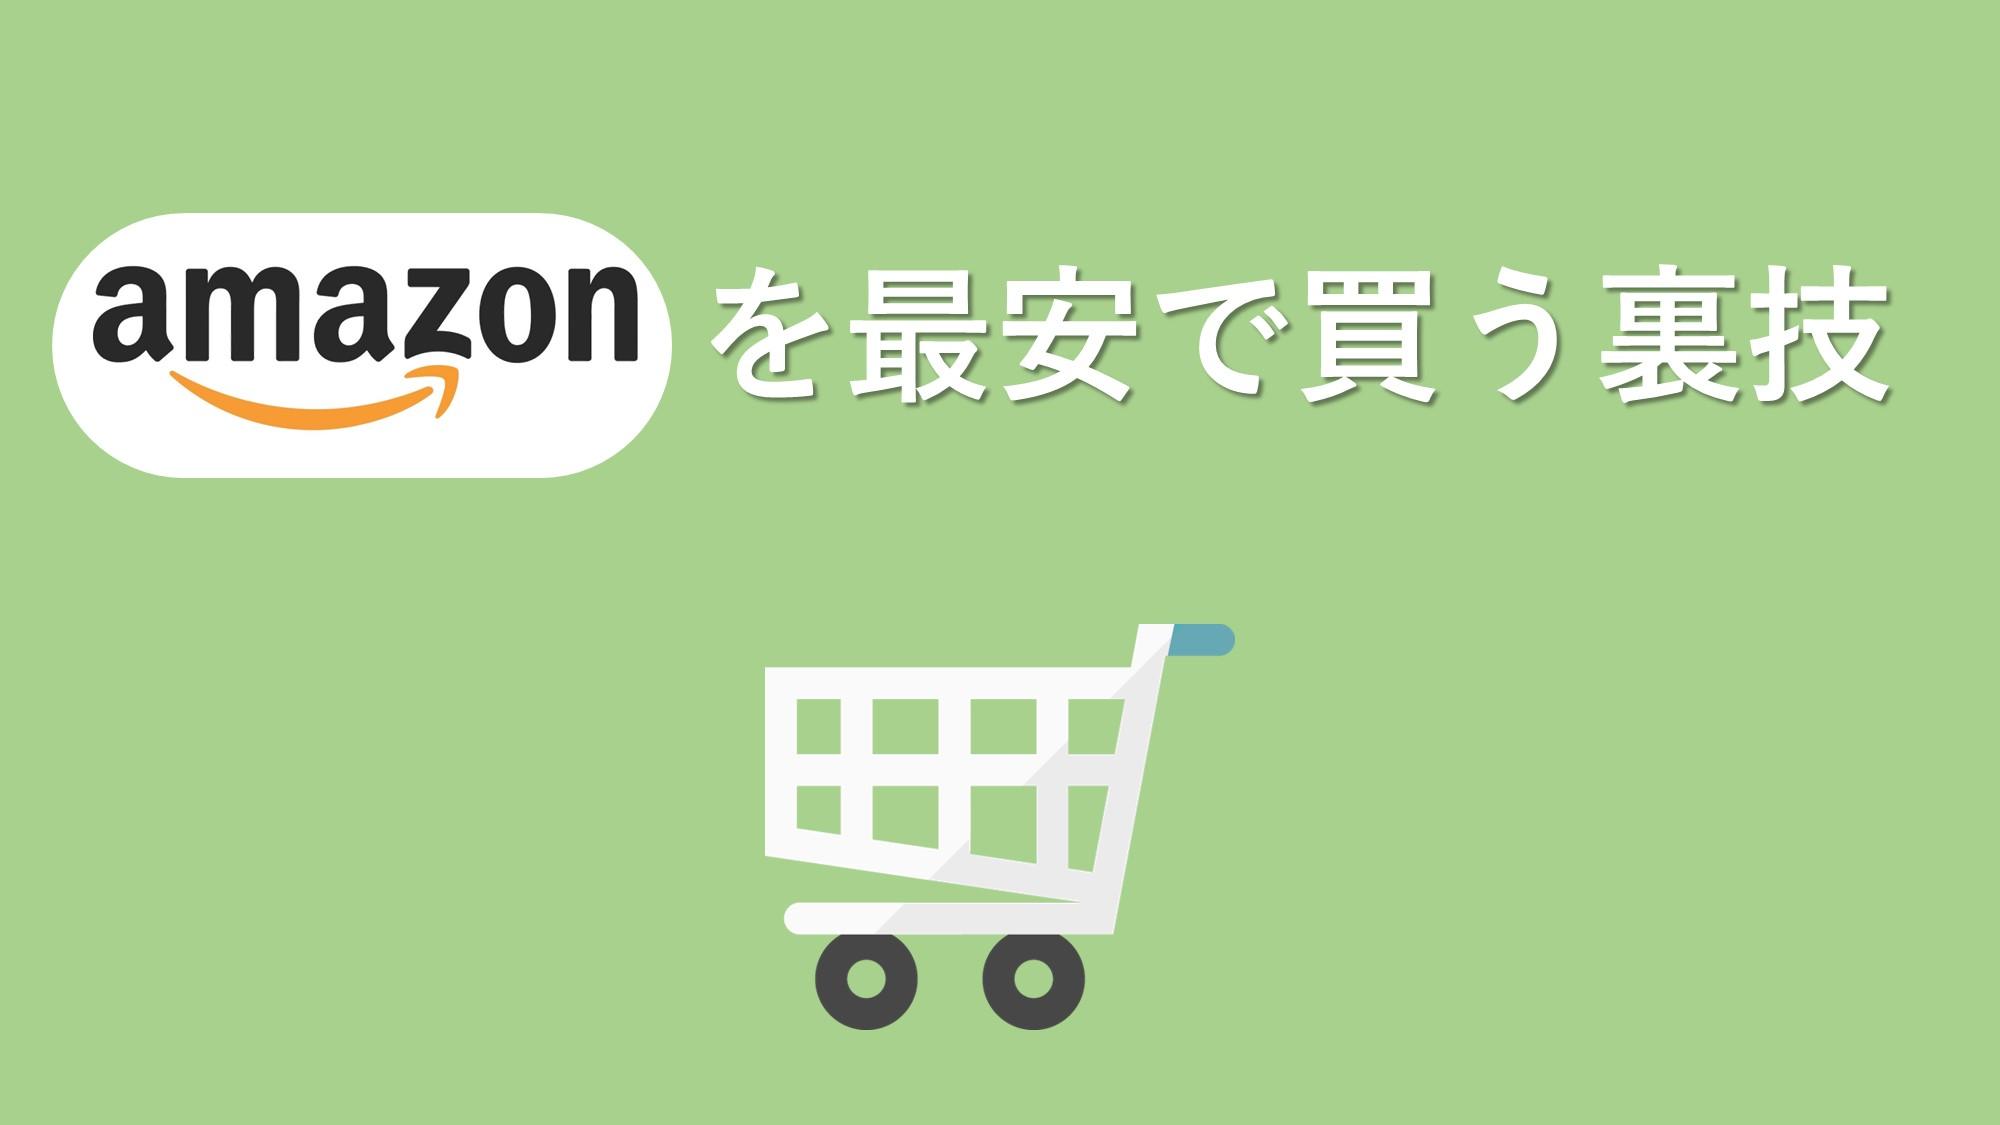 全員1000円もらえる!Amazonギフト券のキャンペーンがすごい!